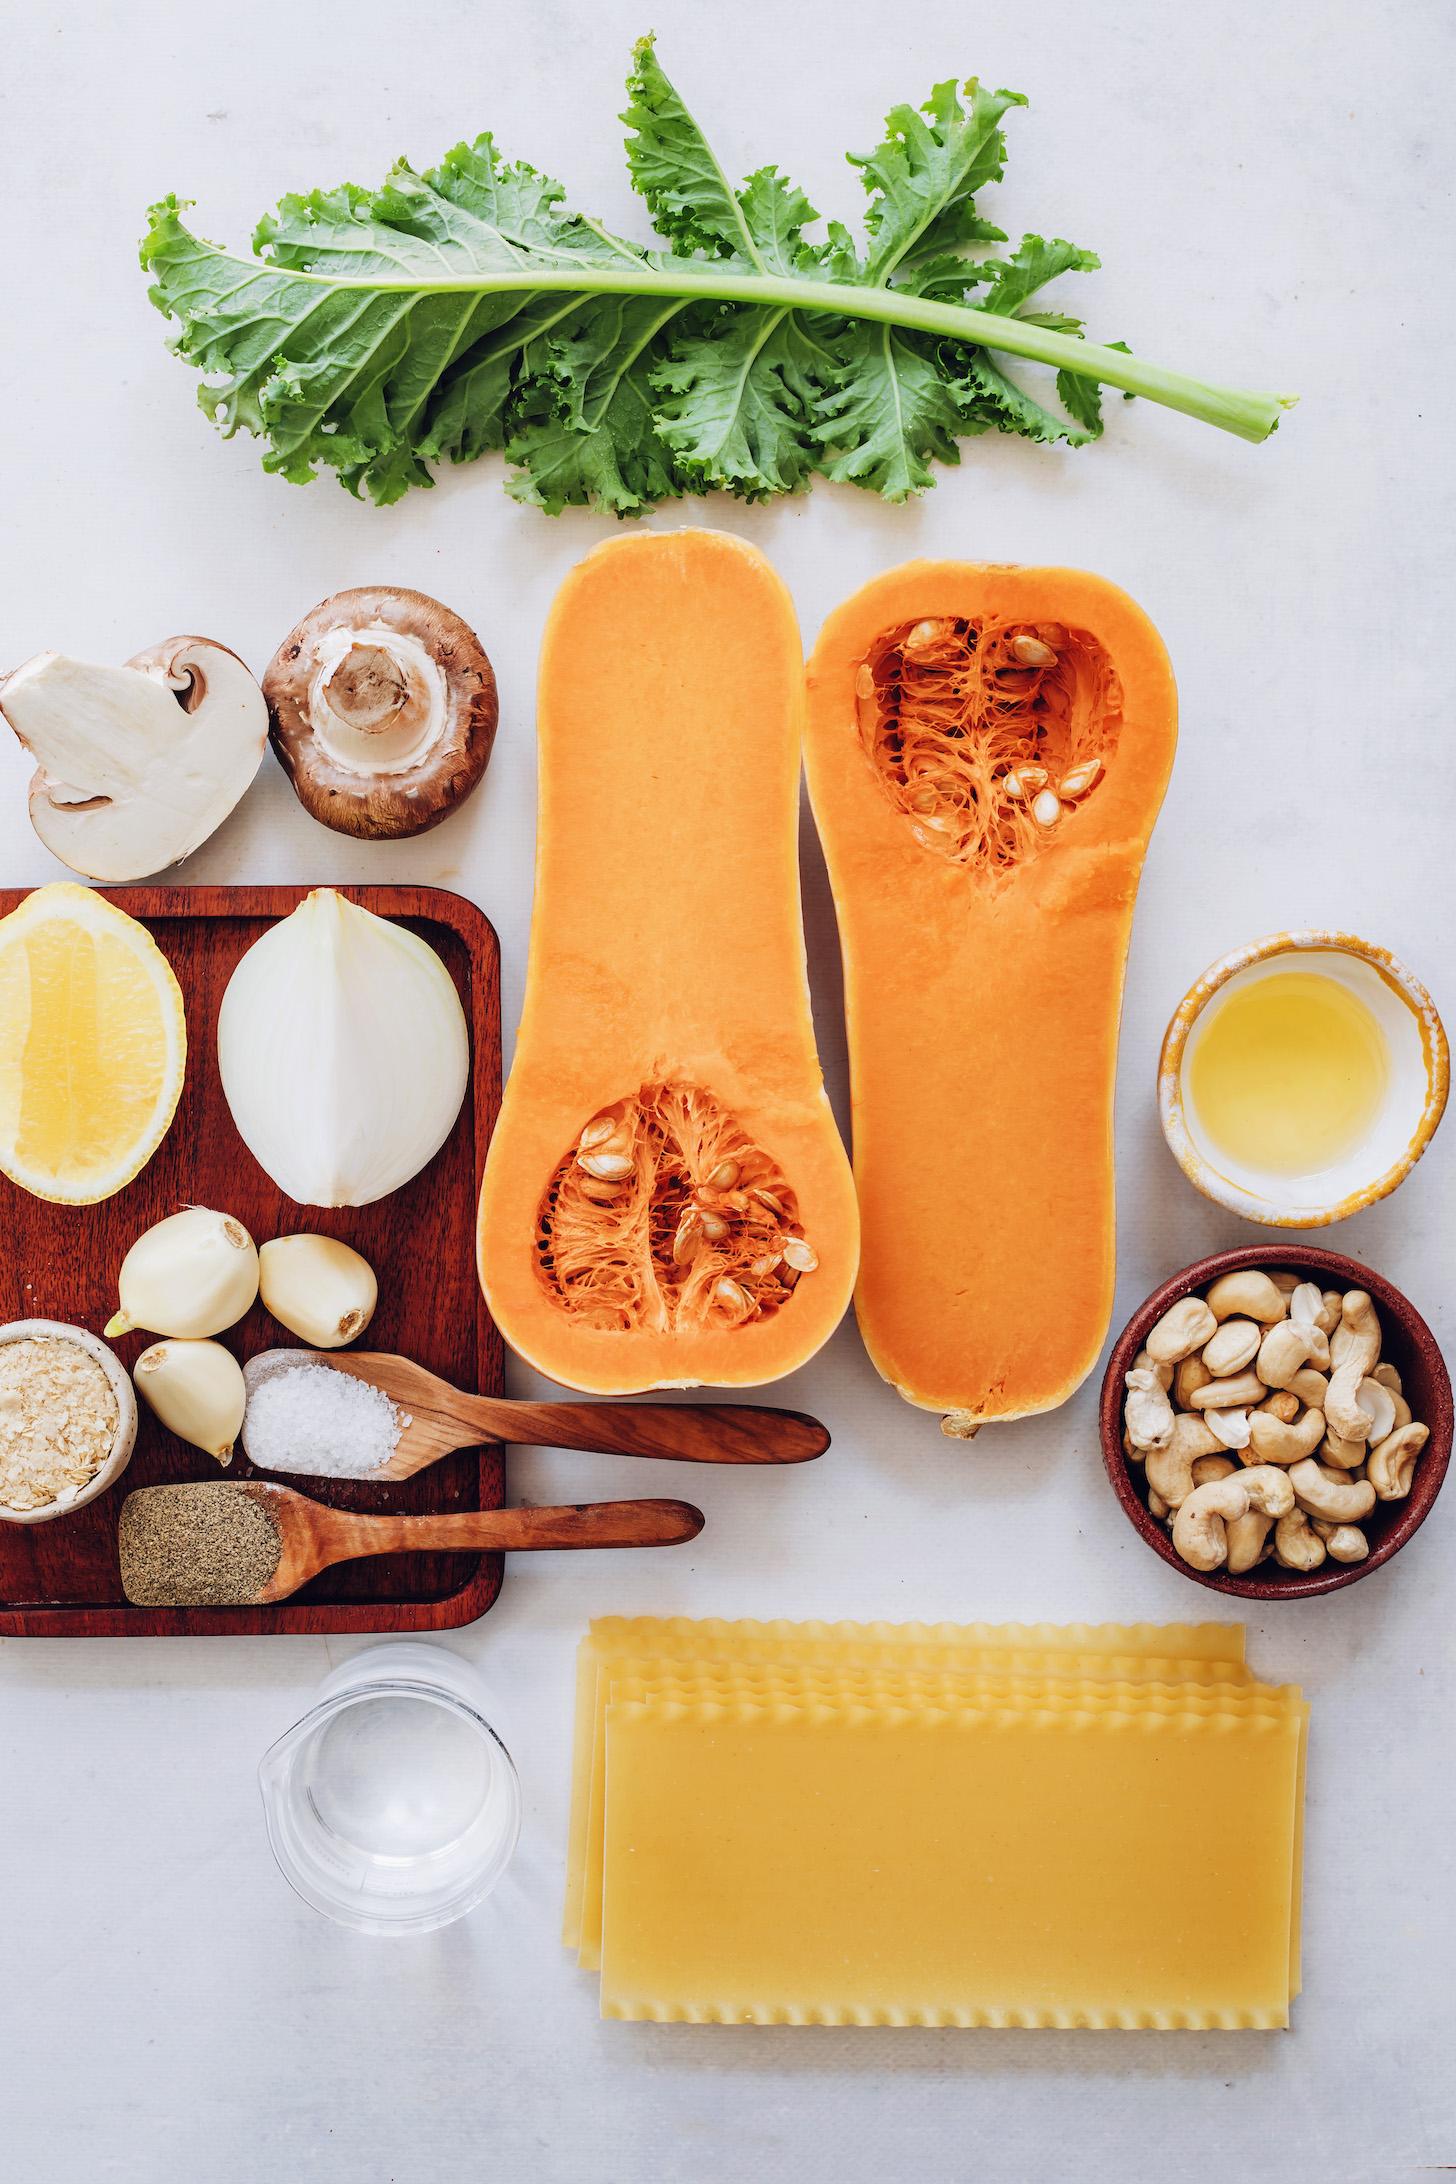 Káposzta, gomba, vajas tök, fokhagyma, só, bors, élesztő, citrom, víz, lasagne tészta, kesudió és olívaolaj